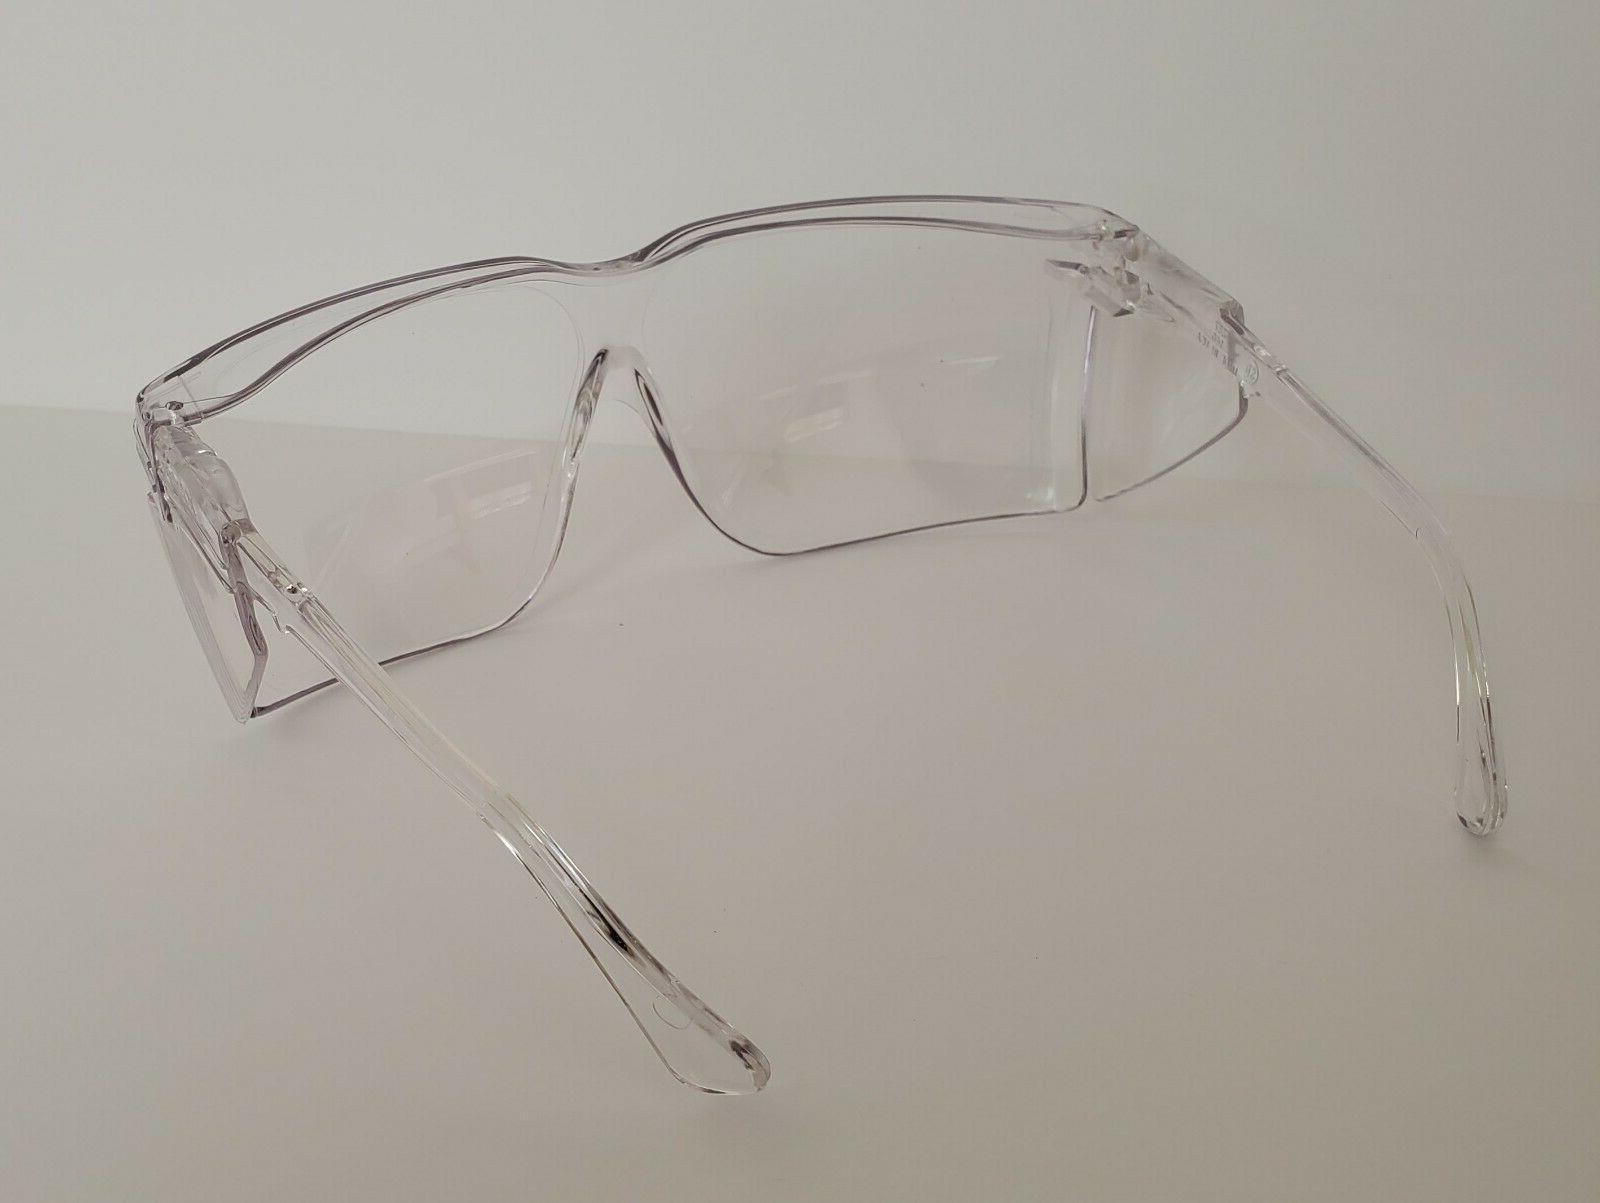 AOSafety SAFETY GLASSES Z87.1 One UV Rays